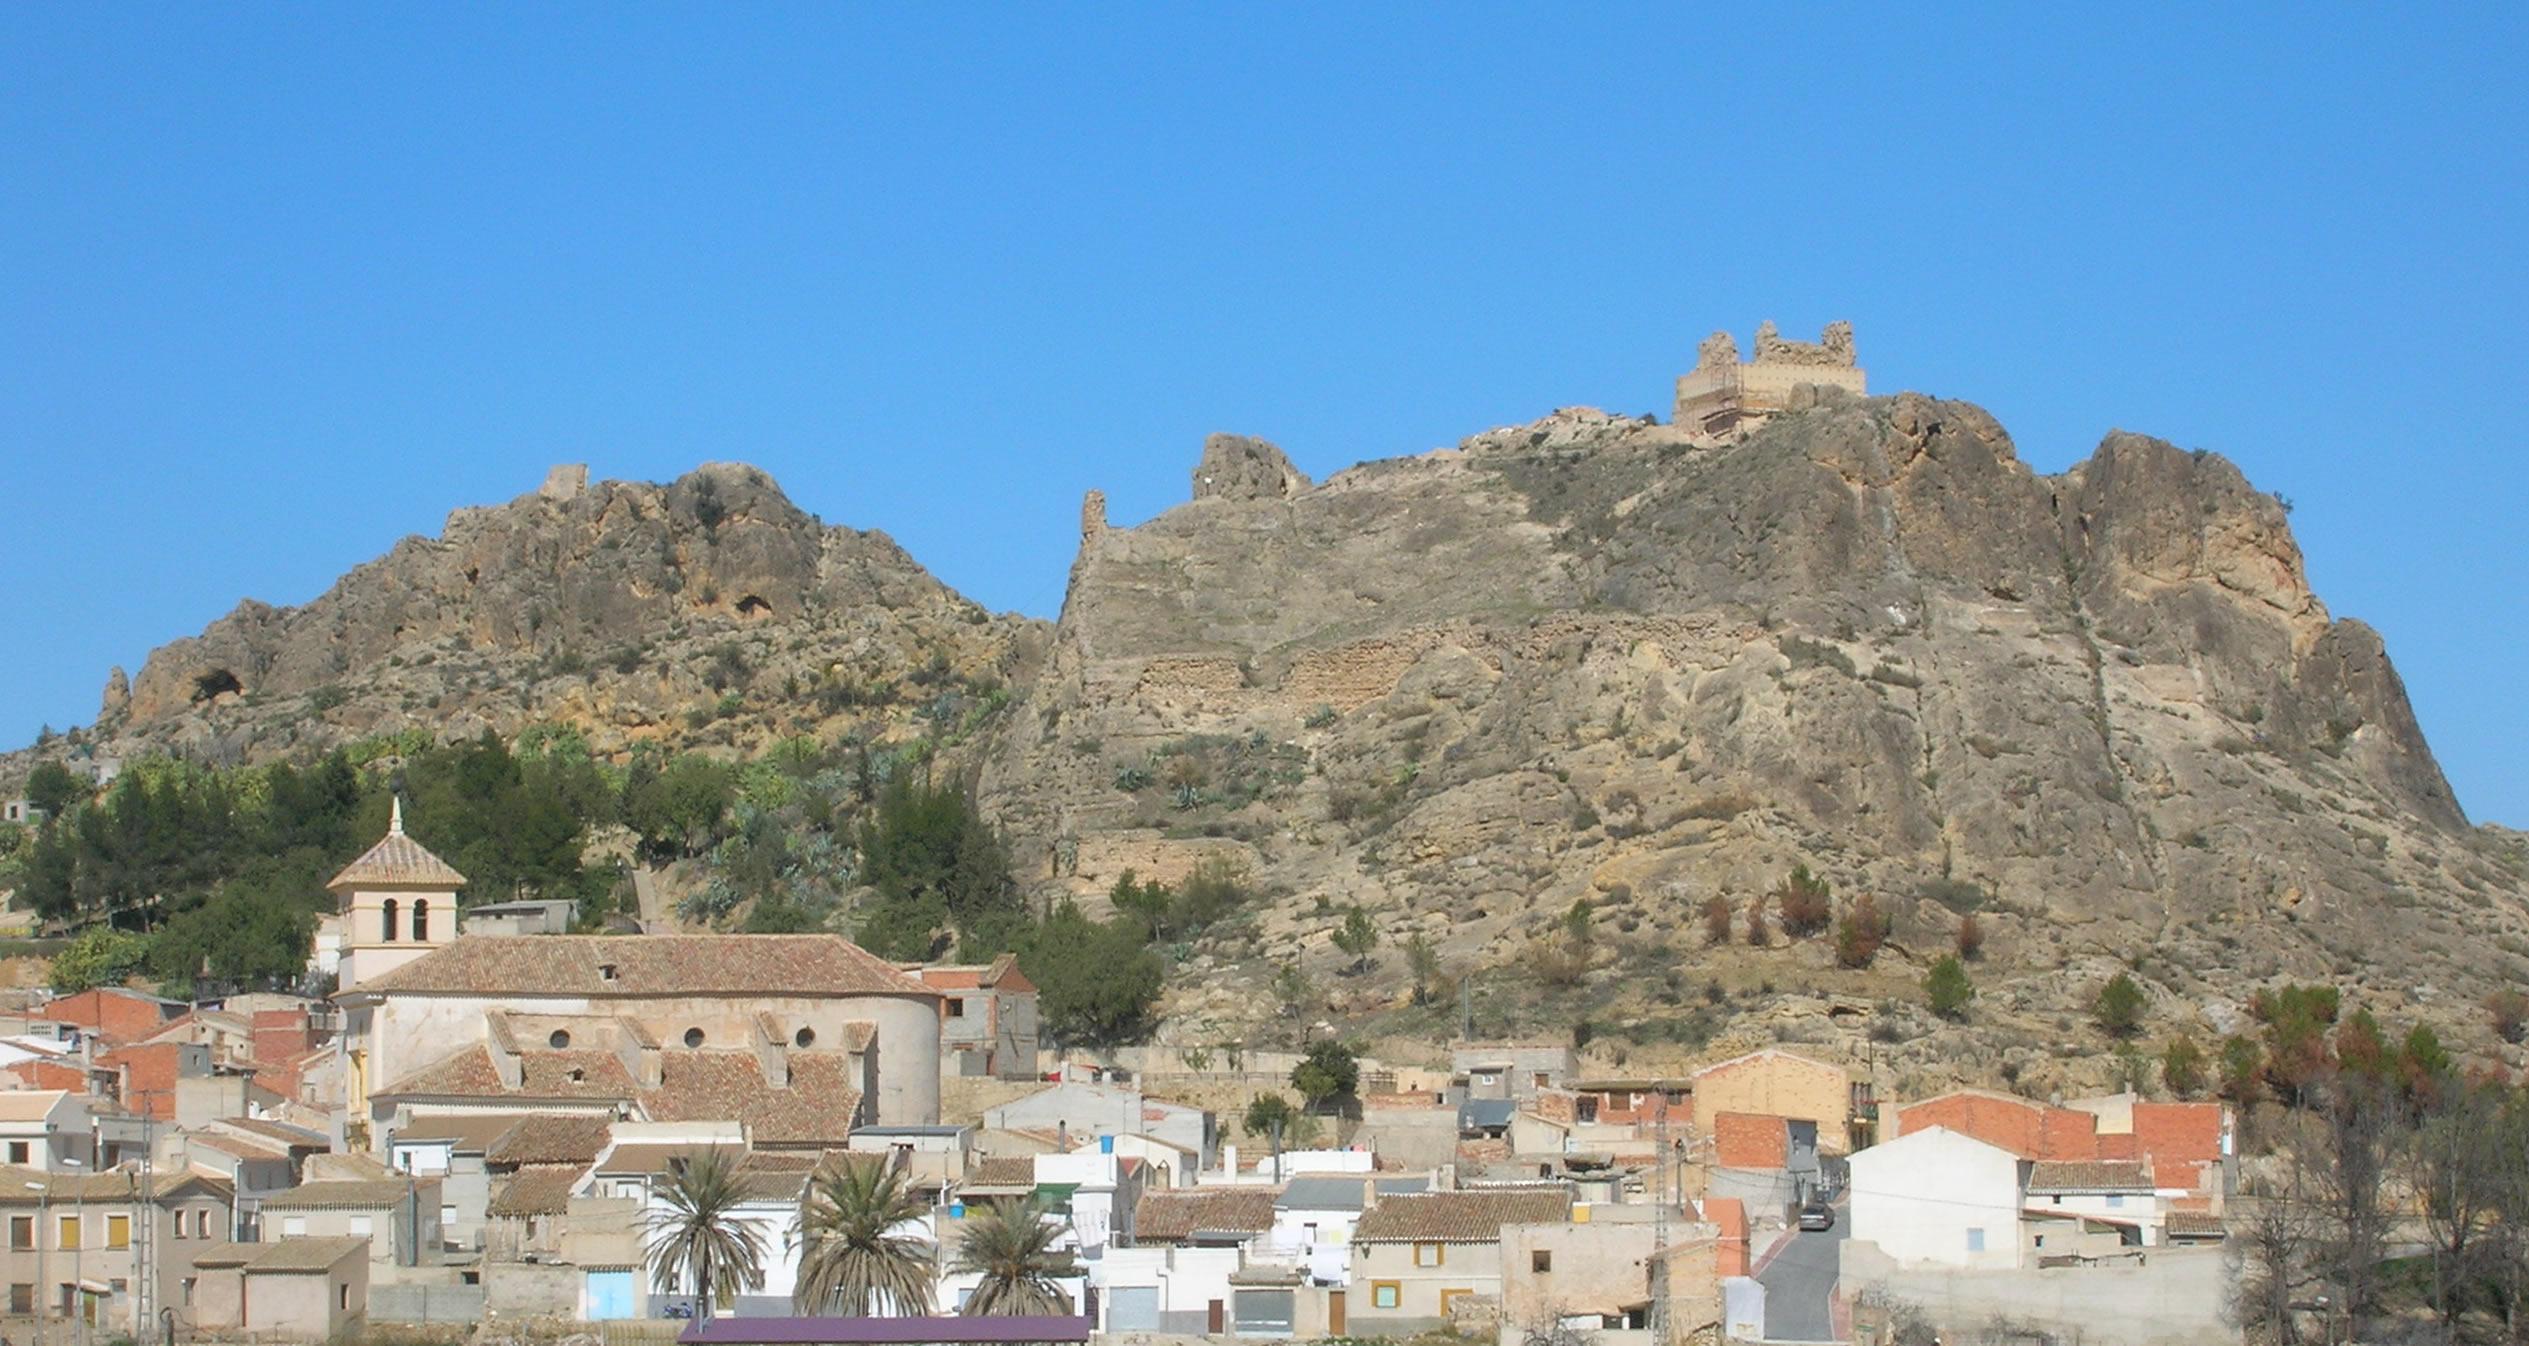 Murcia datiert